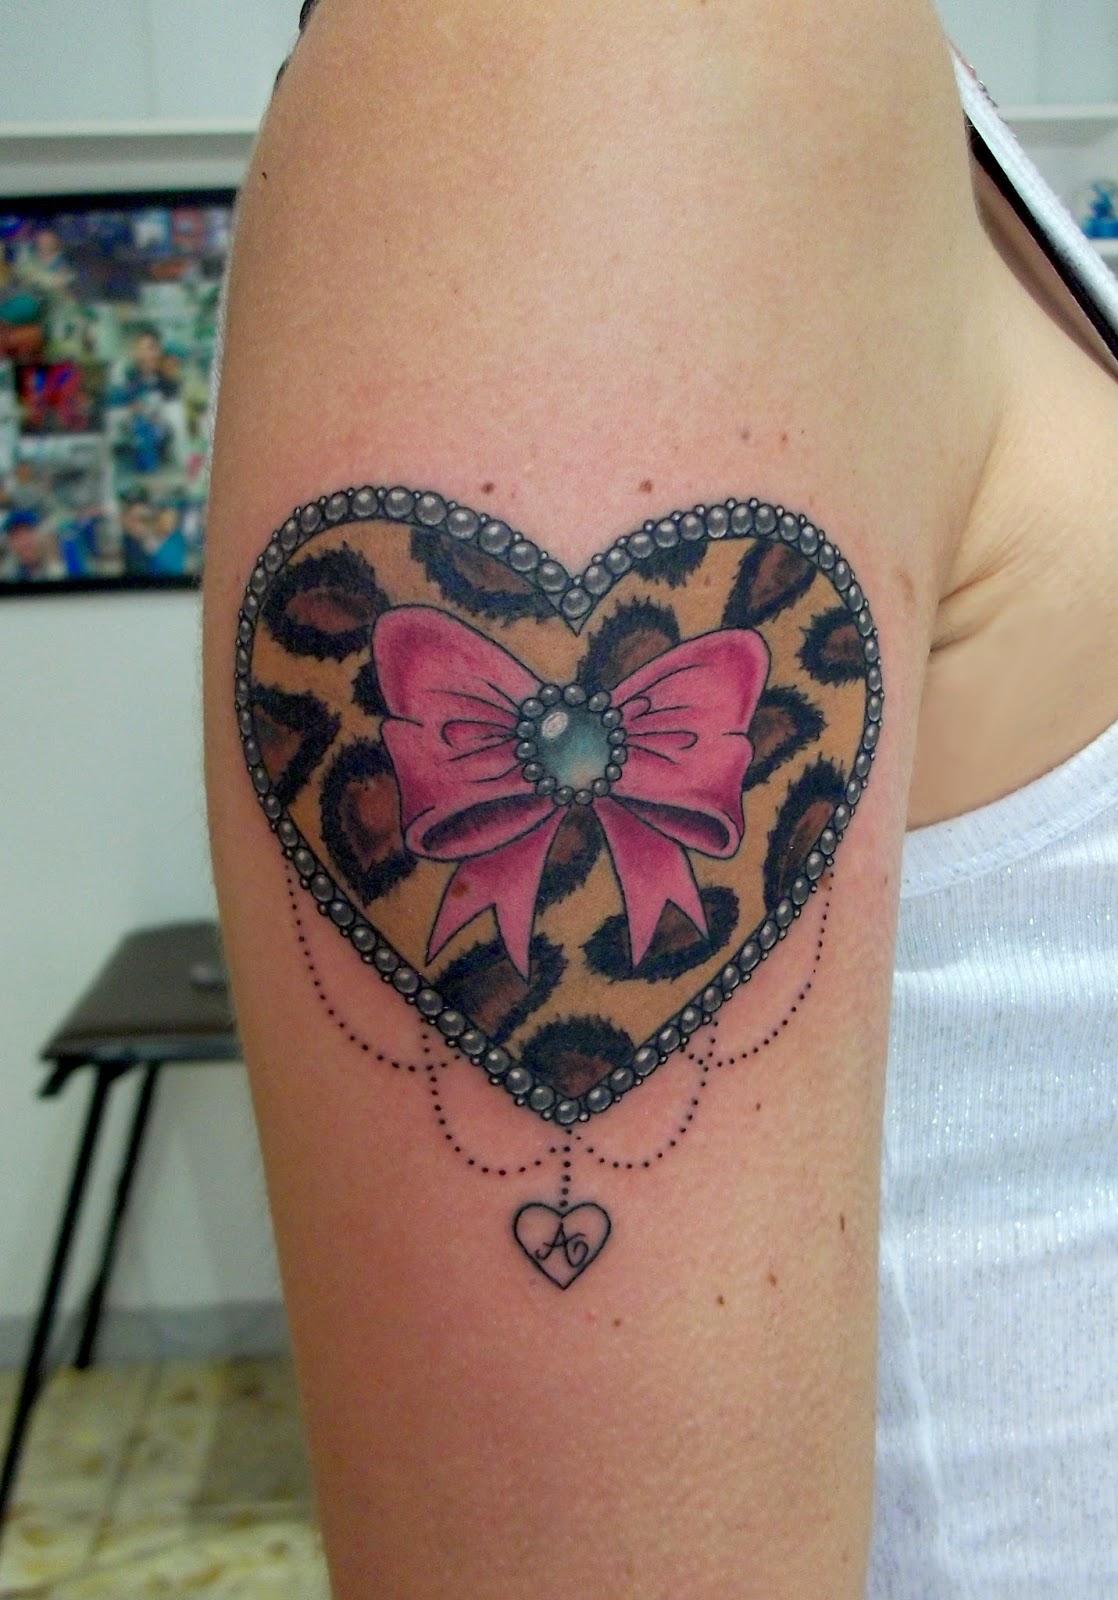 besaly tattoo tatuaggio cuore leopardato con fiocco e opale leopard tattoo heart with bow and. Black Bedroom Furniture Sets. Home Design Ideas